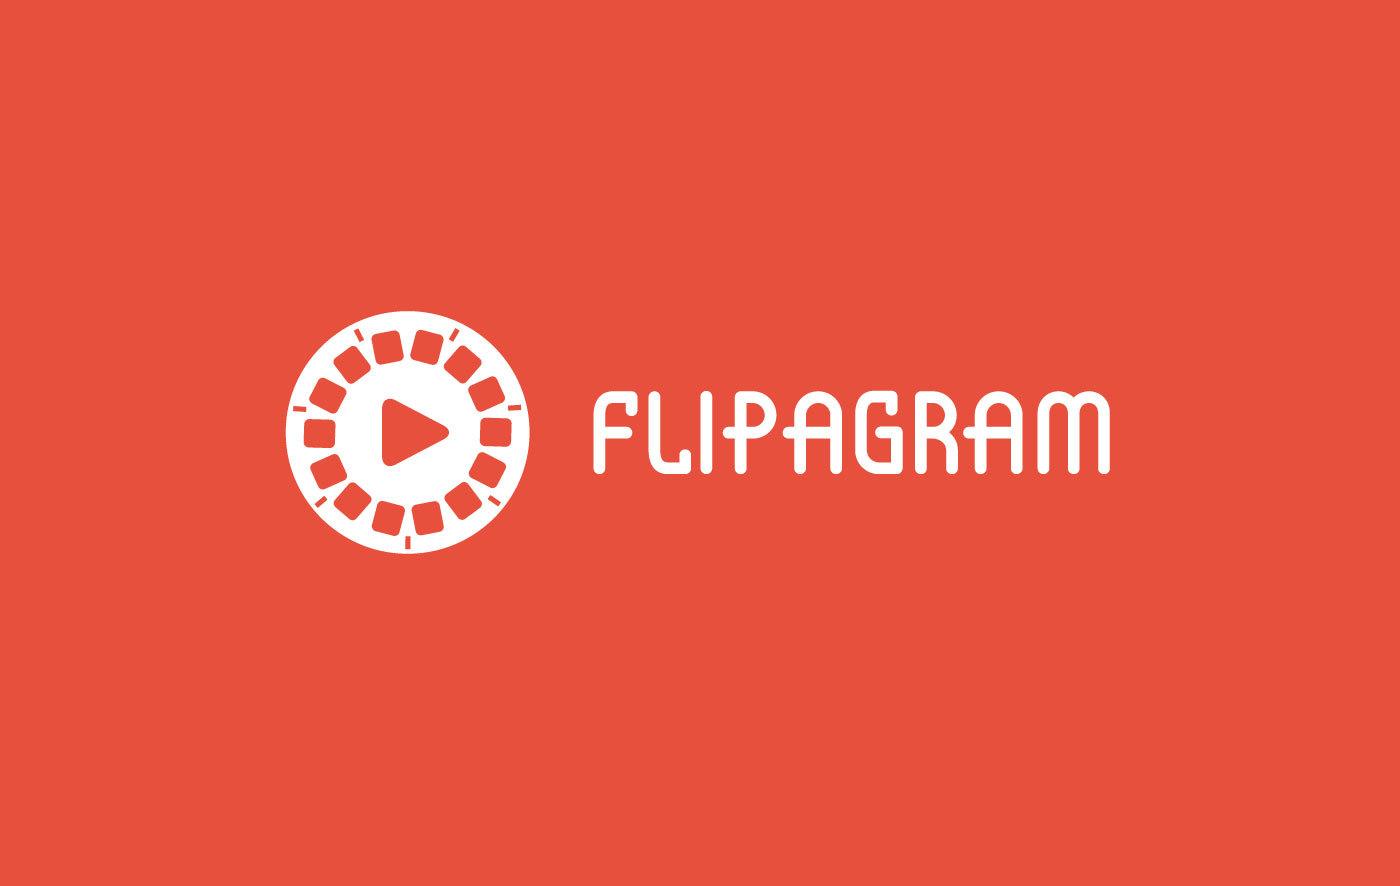 Flipagram come funzionano i comandi